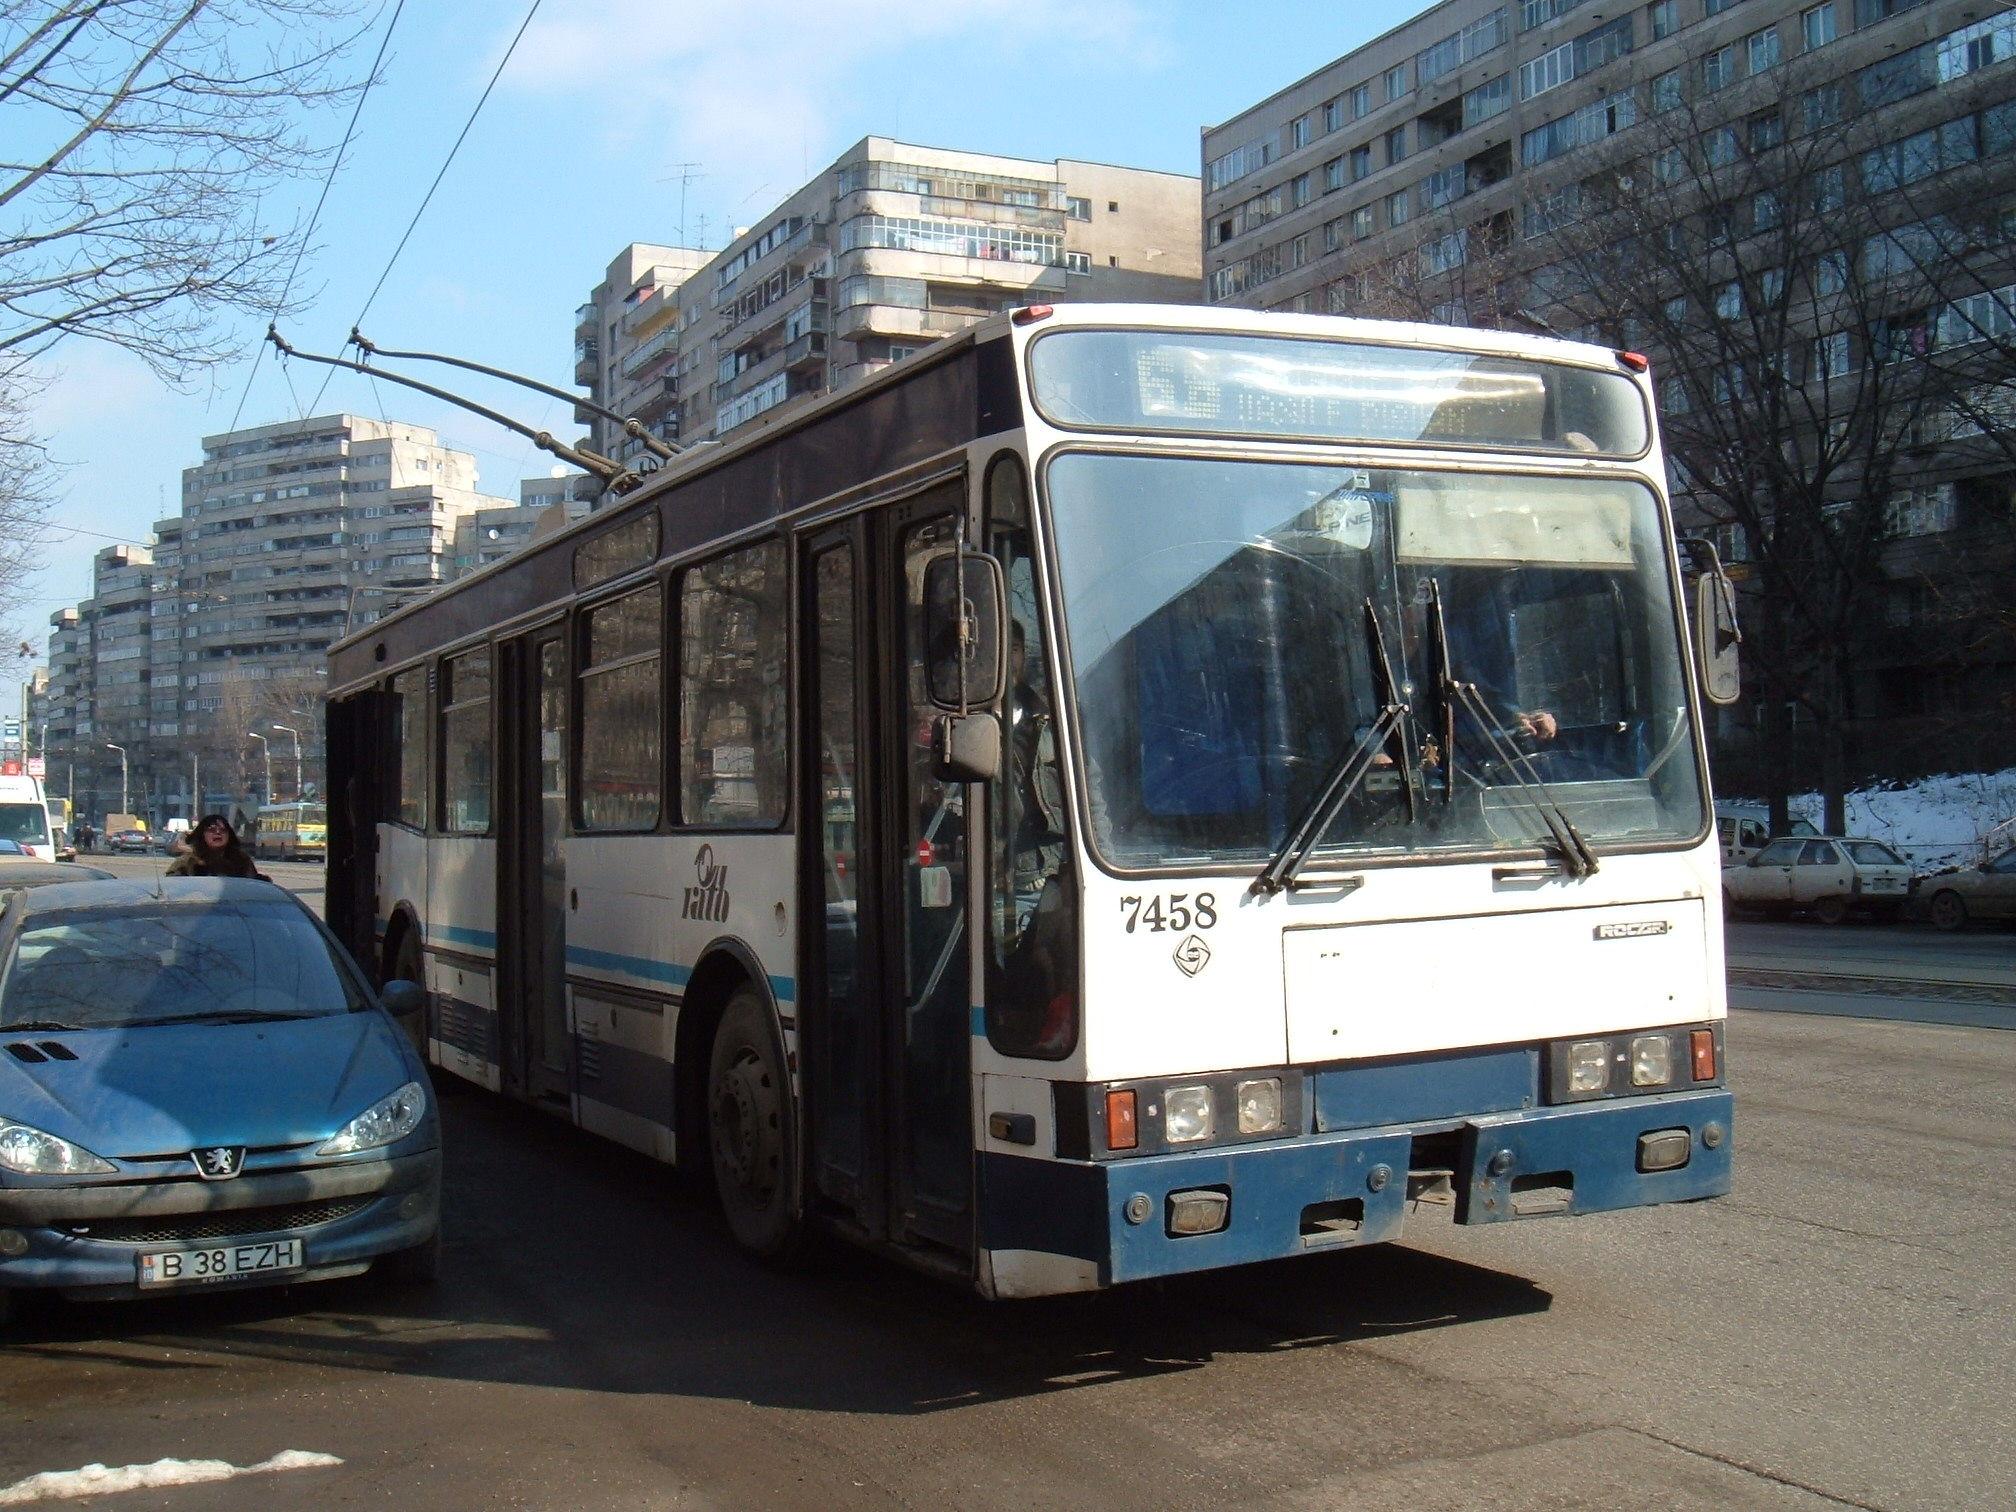 7458. Trolleybus Rocar on line 66